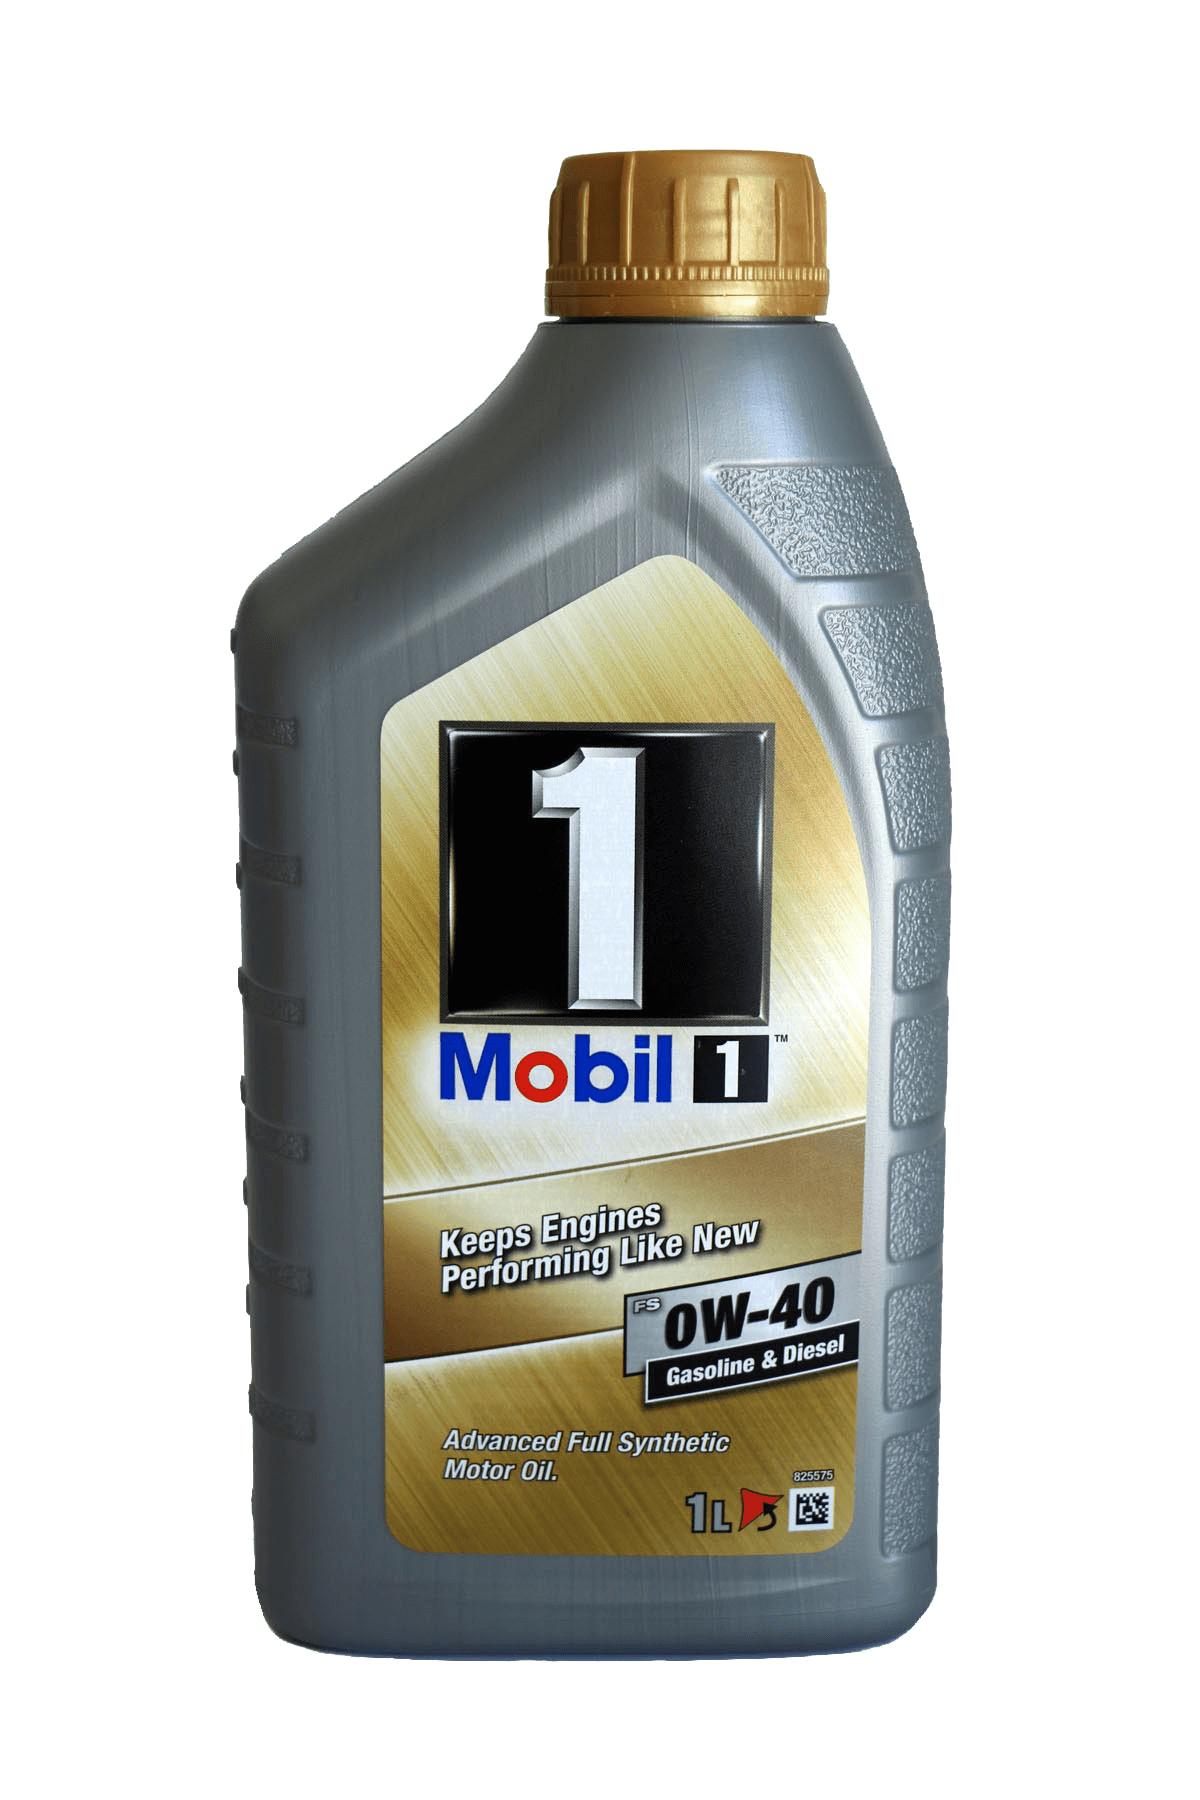 Mobil 1 FS 0W-40 Motoröl, 1l